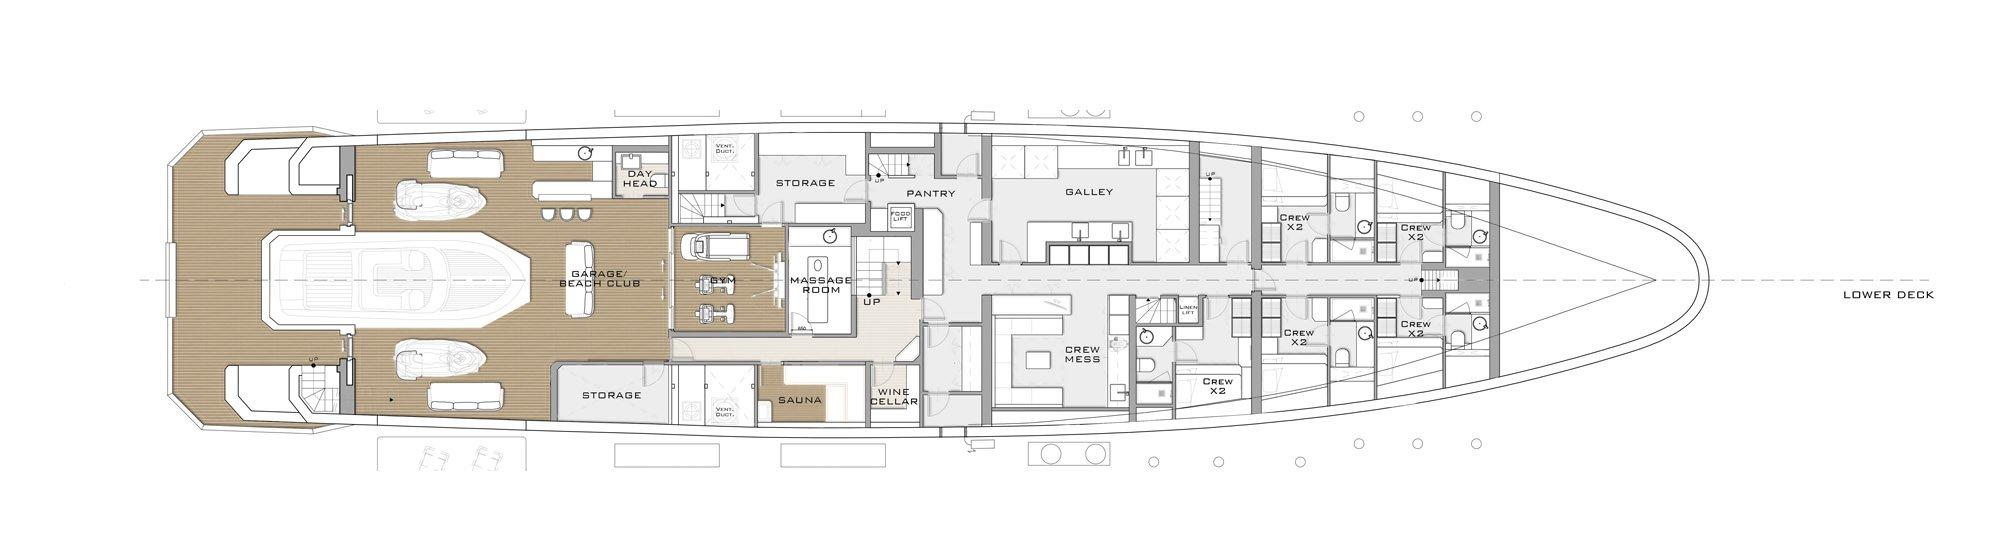 K47 - general arrangment1 5 2